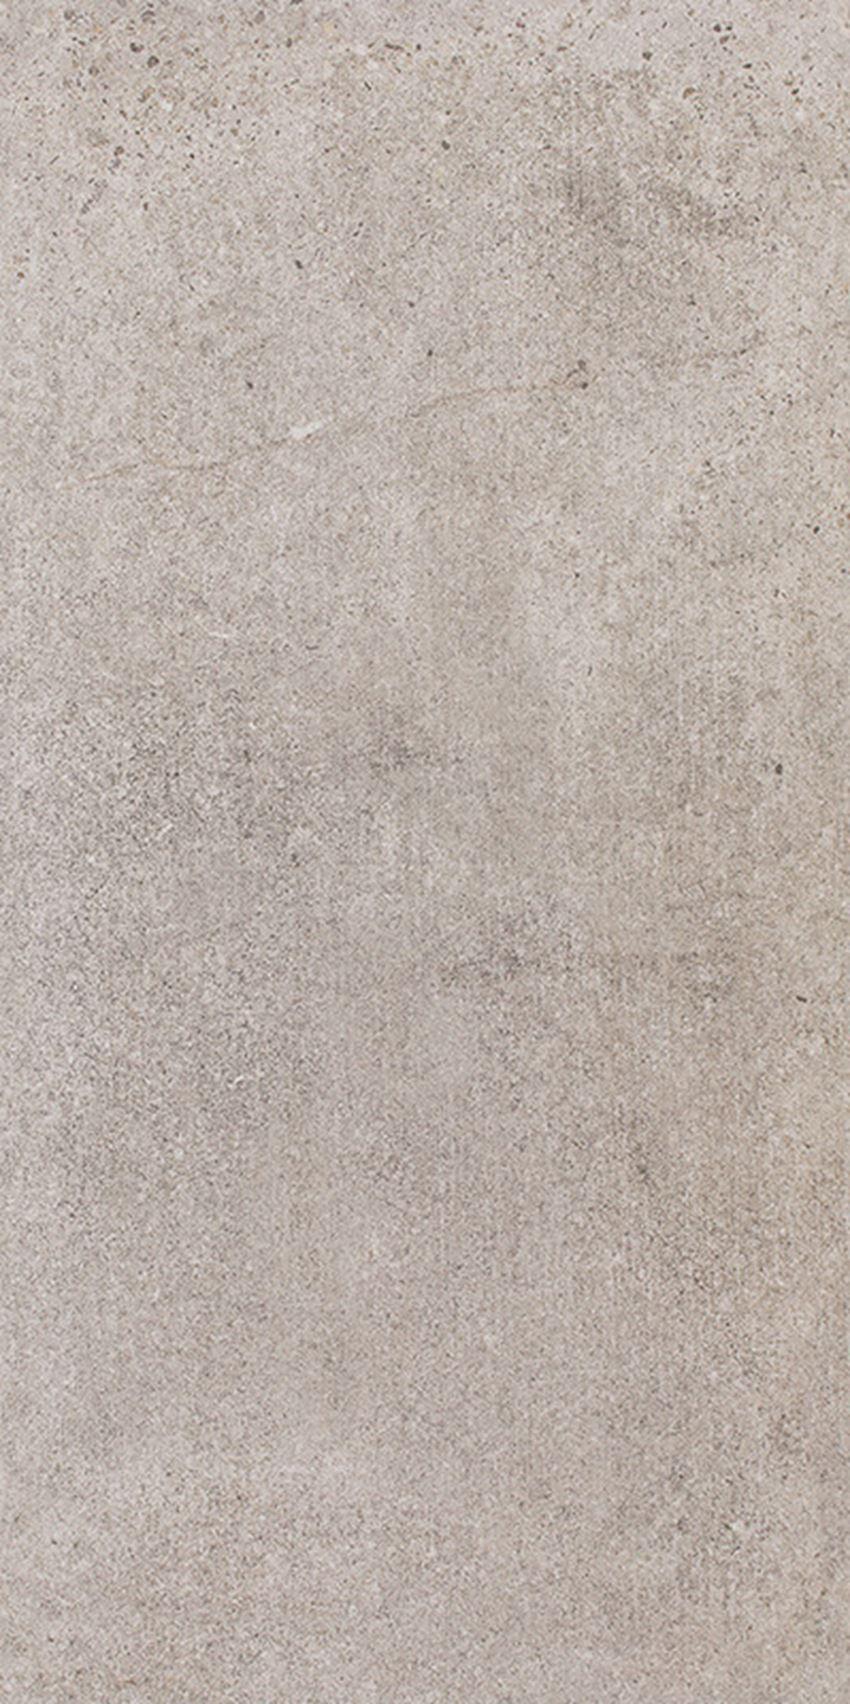 Płytka ścienno-podłogowa 29,8x59,8 cm Paradyż Riversand Grys Gres Szkl. Rekt. Mat